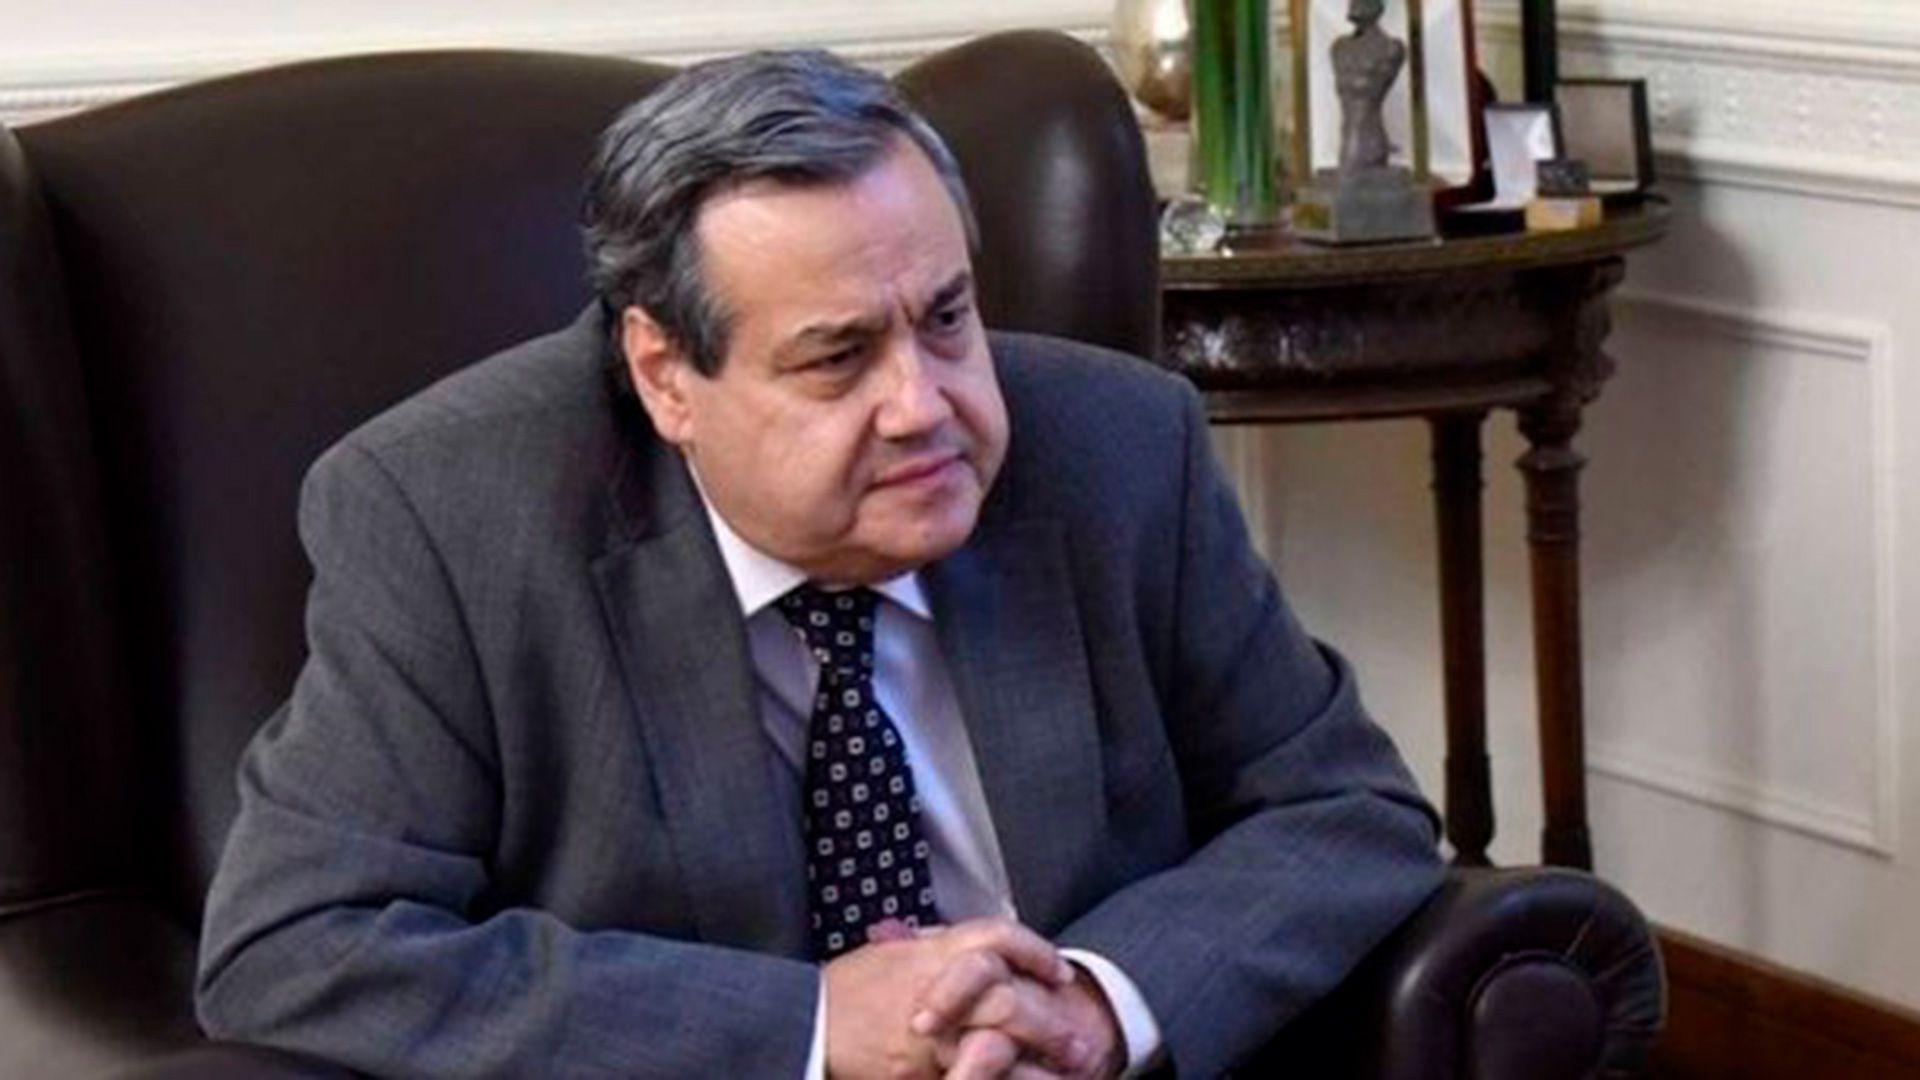 El diplomático chileno tenía 65 años